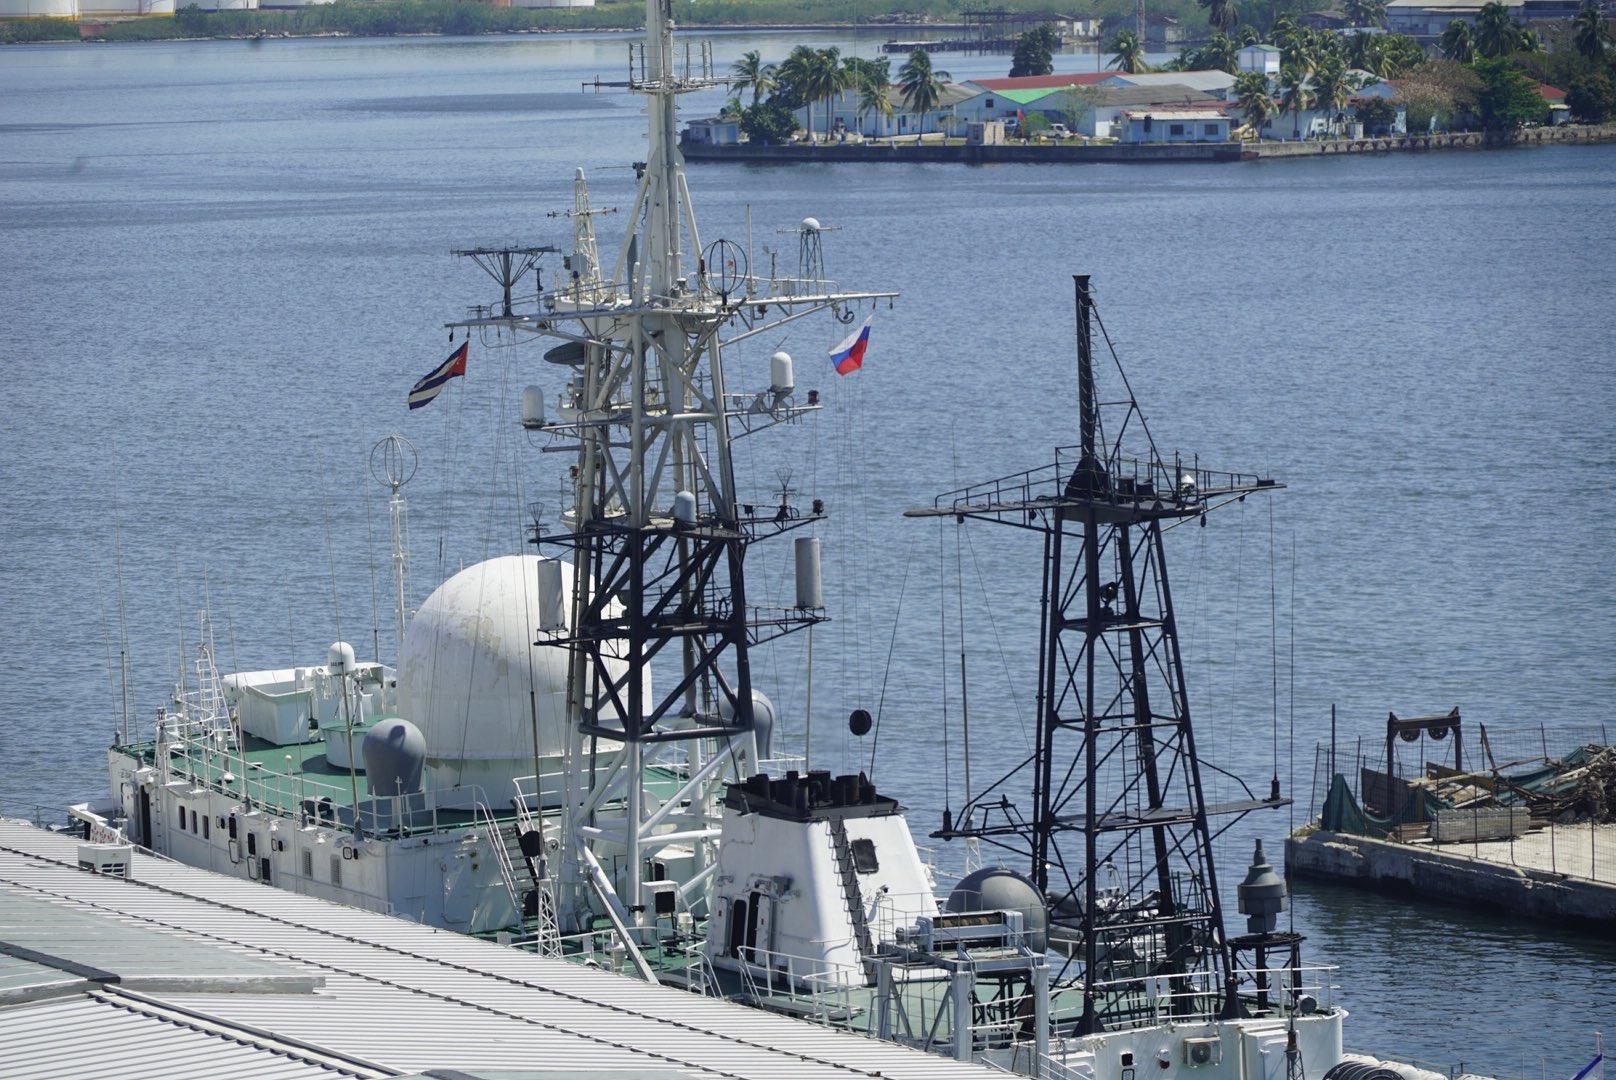 Russische Spionageschiff im Hafen von Havanna | Bildquelle: https://twitter.com/CNN_Oppmann/status/1235267907178958862 © Patrick Oppmann / Twitter | Bilder sind in der Regel urheberrechtlich geschützt